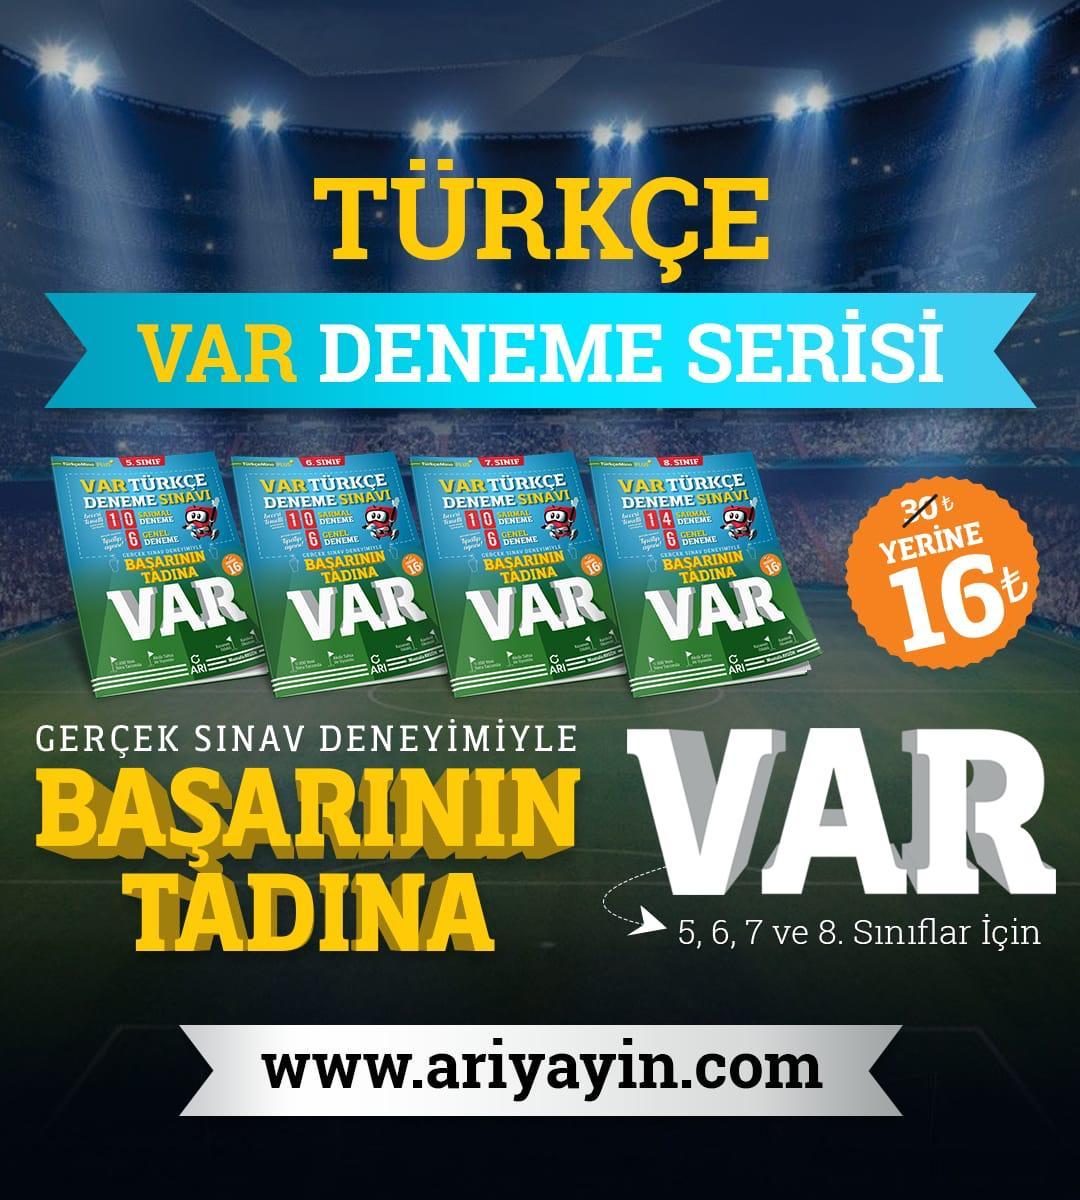 Türkçe Deneme Paylaşımı.jpg